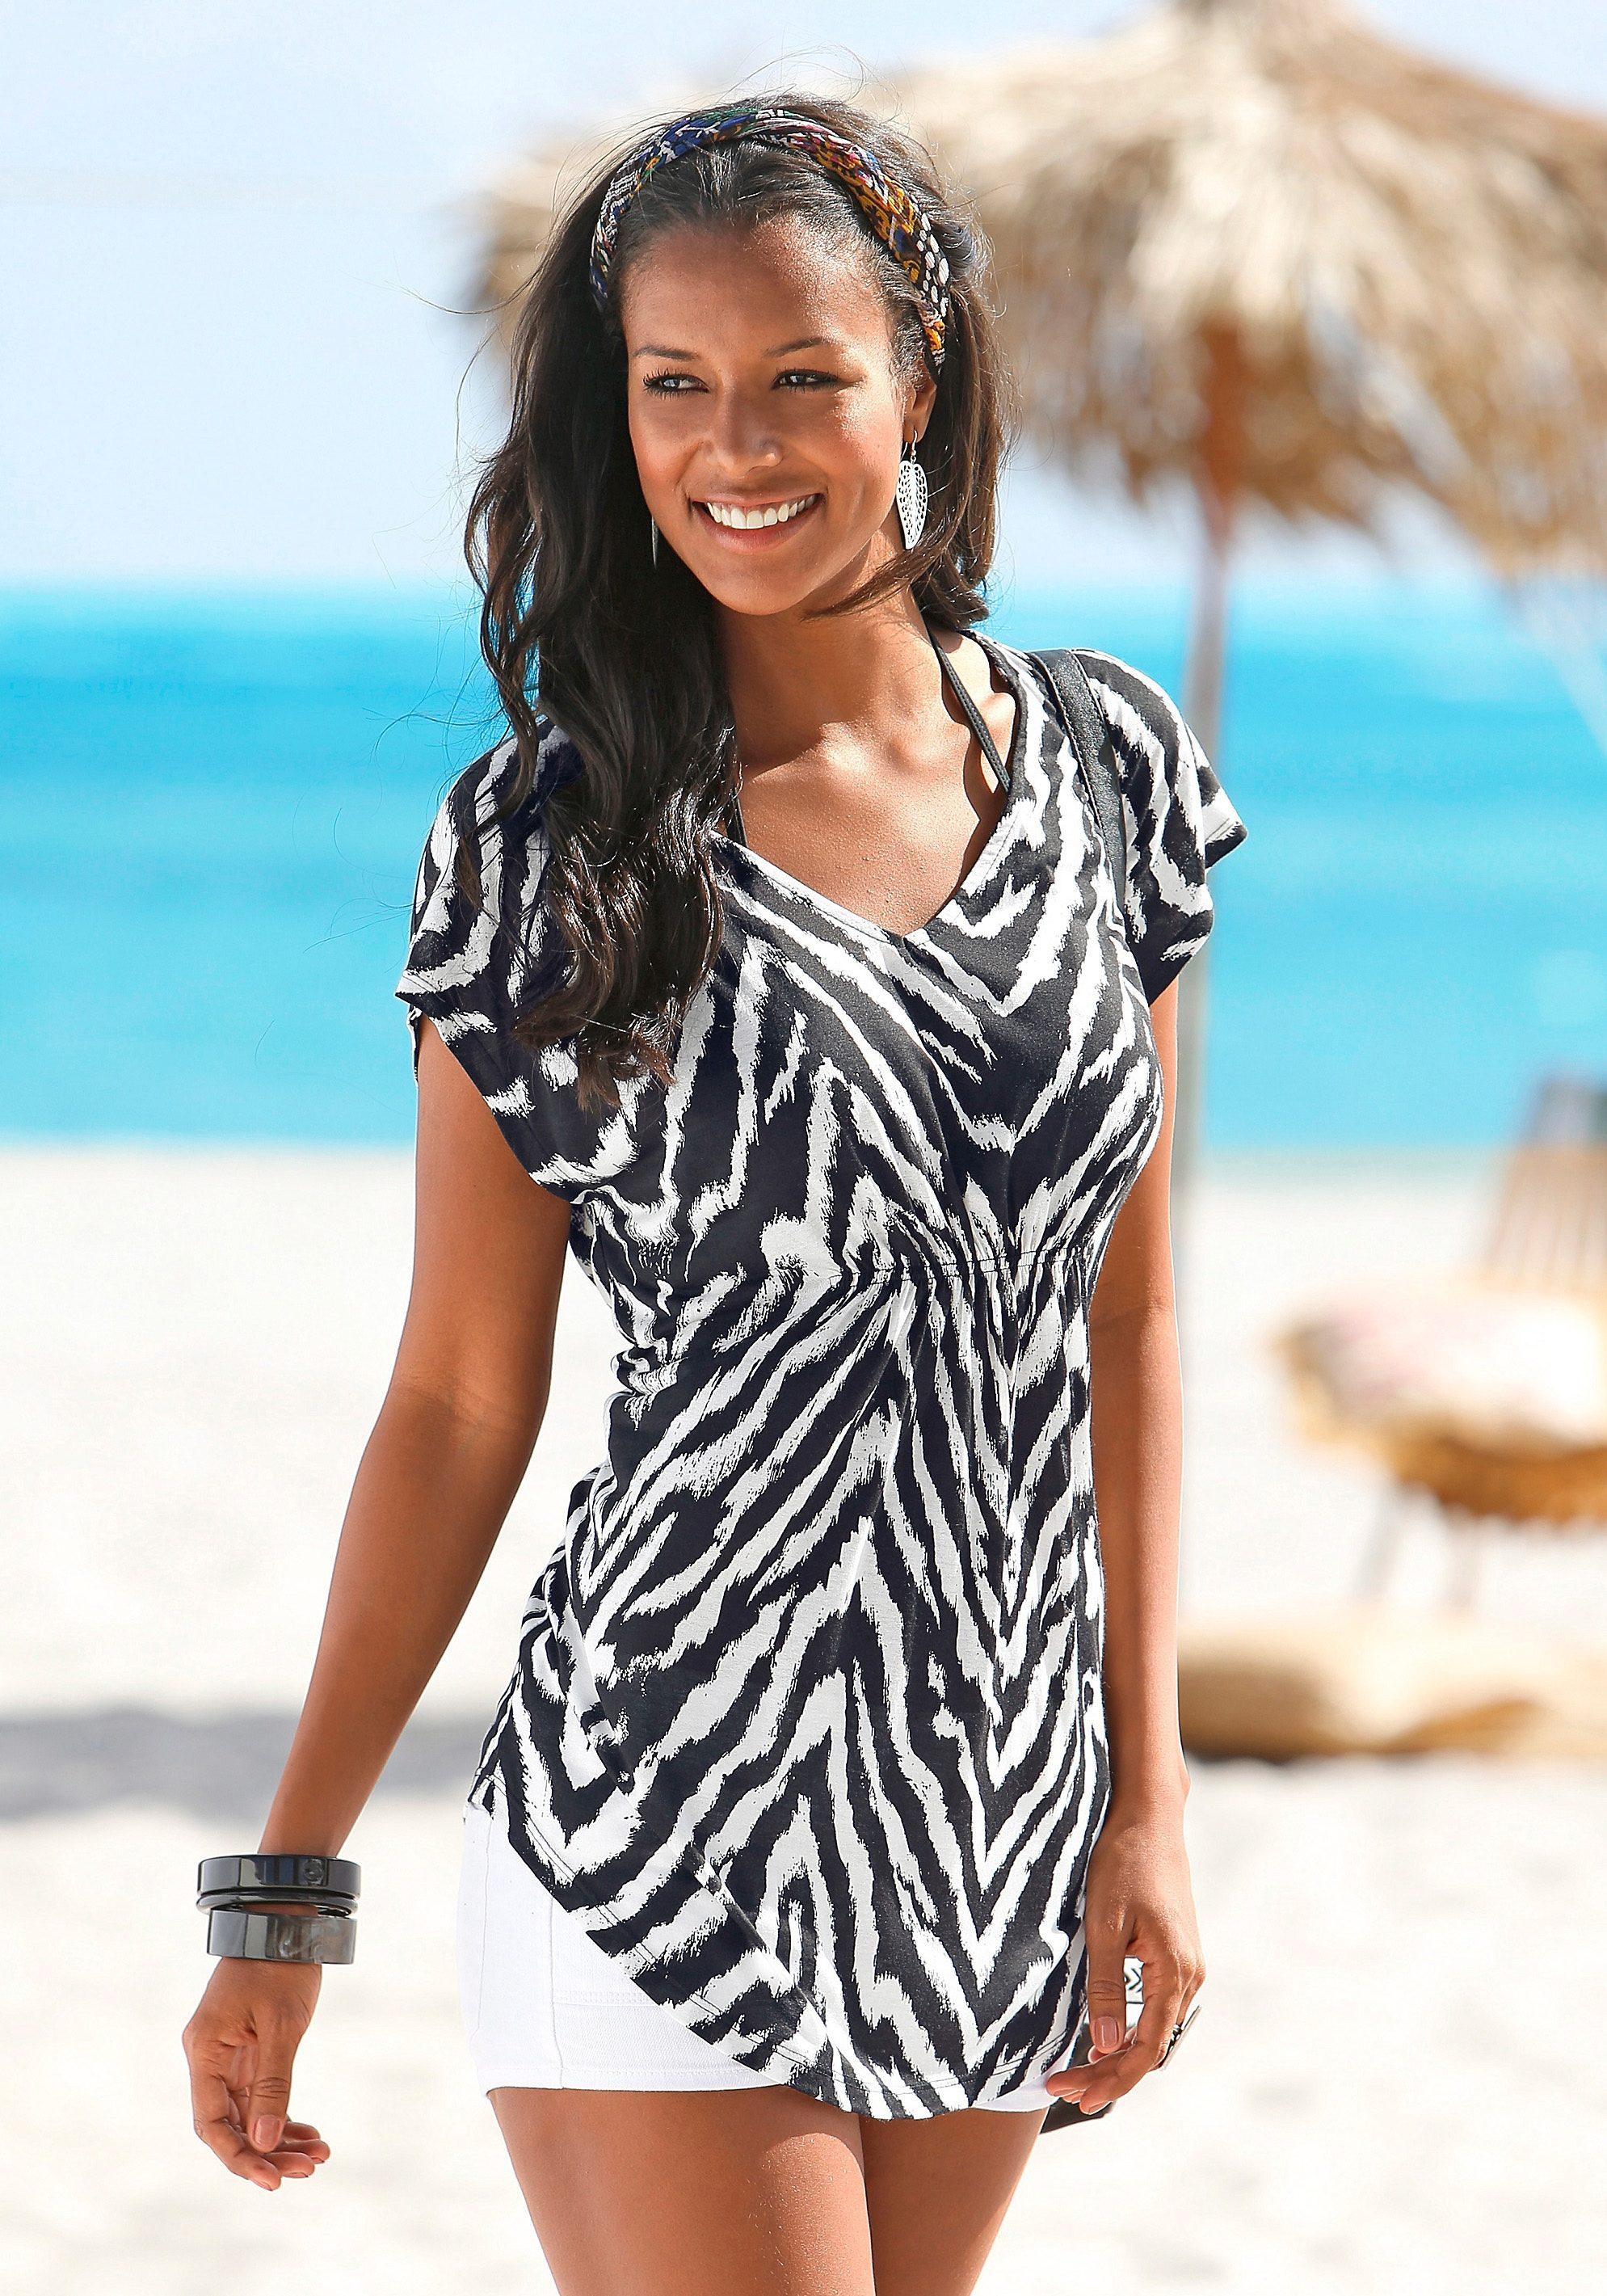 ... V-hals, LASCANA Shirt in lang model, Beachtime T-shirt, set van 2,  LASCANA lang shirt, LASCANA T-shirt, BEACHTIME T-shirt in set van 2